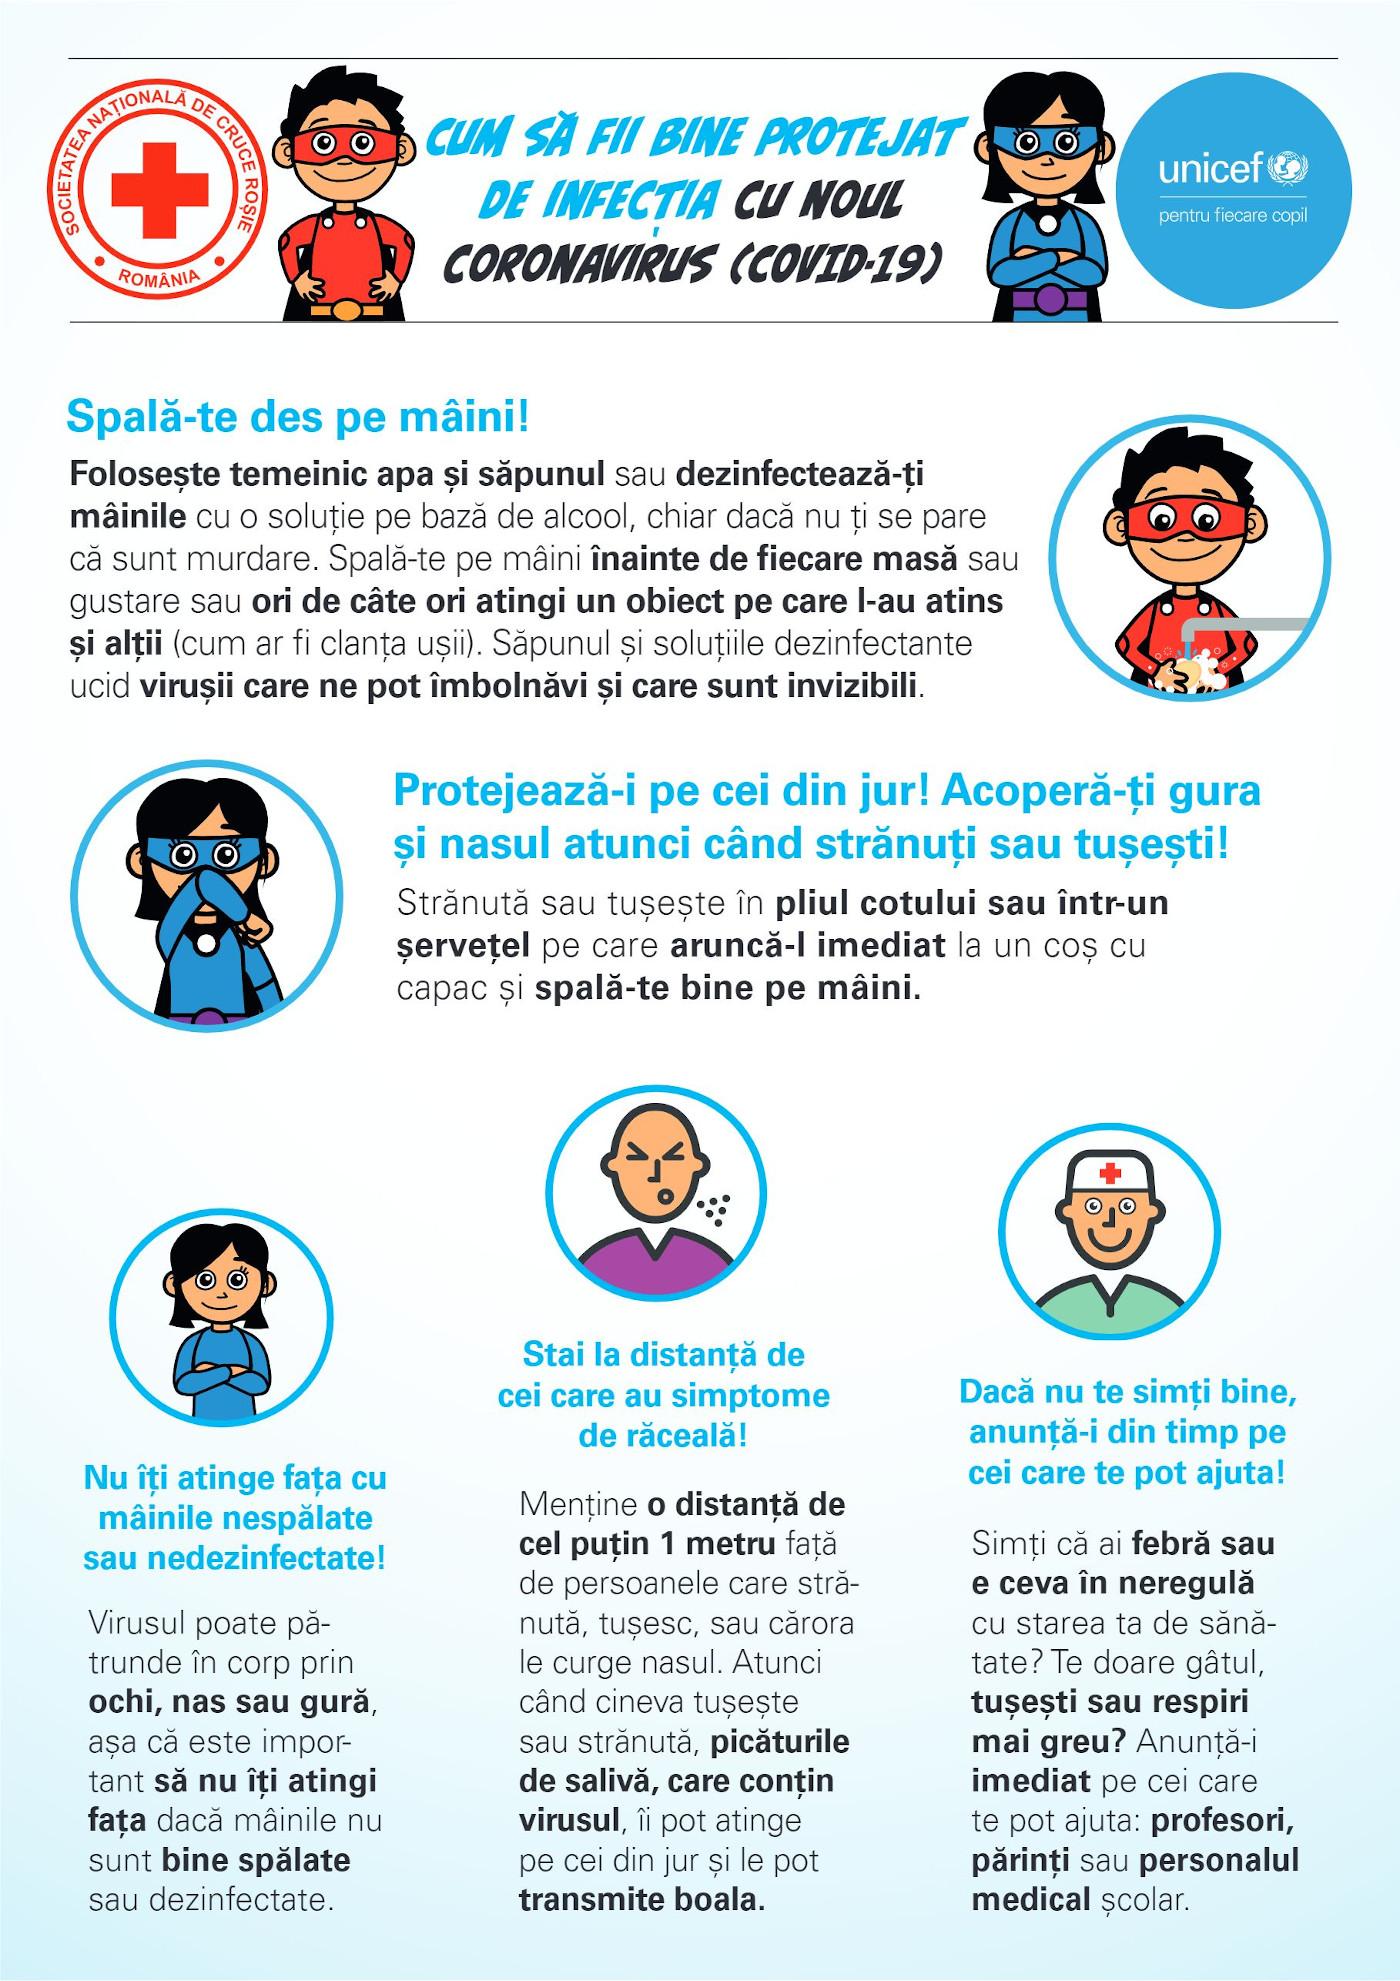 Cum sa te protejezi de coronavirus - sfaturi pentru copii